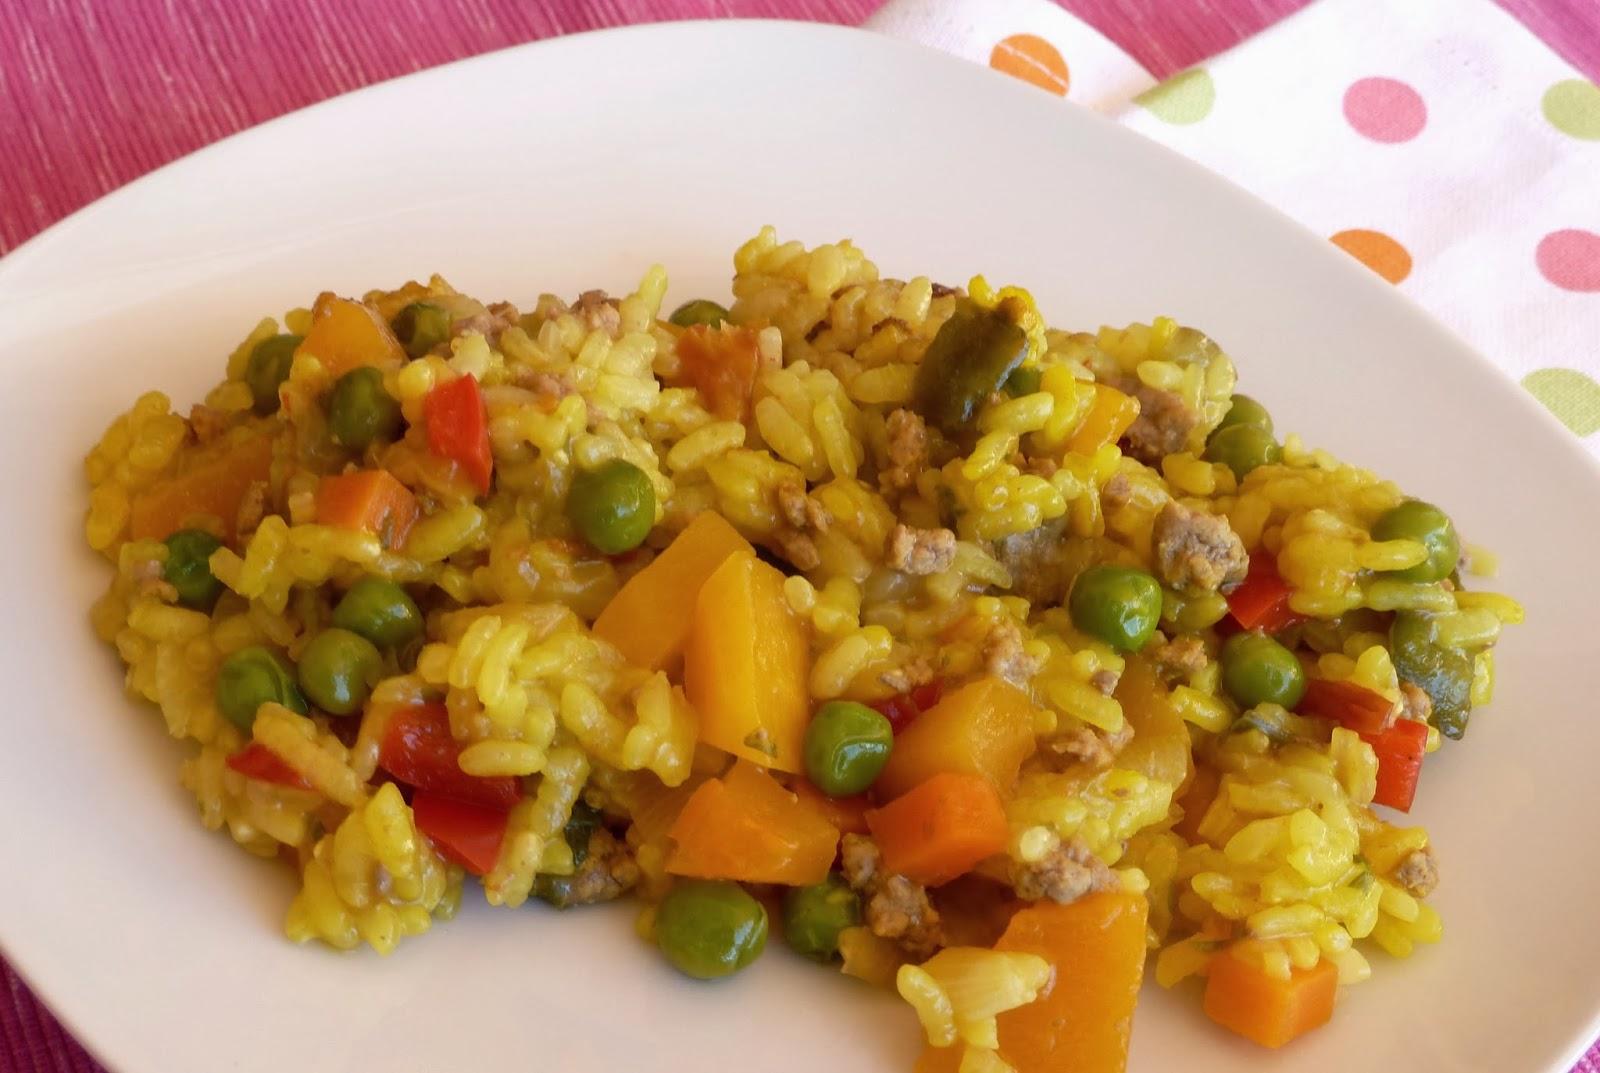 Una fiera en mi cocina arroz con calabaza y carne picada - Que cocinar con carne picada ...